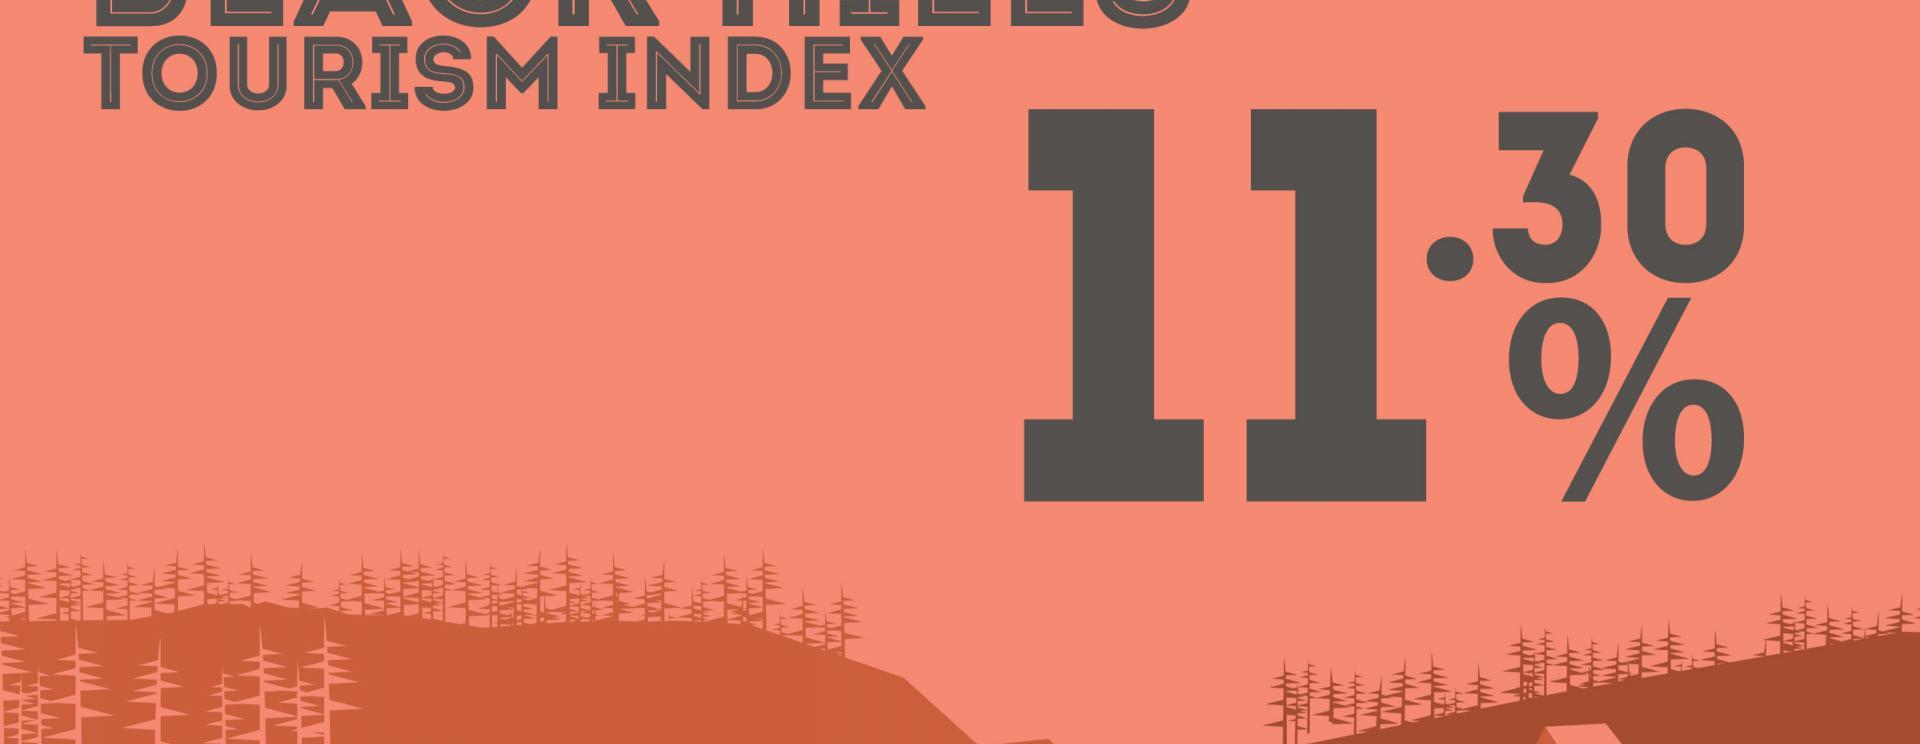 BH Tourism Index: +11.3%